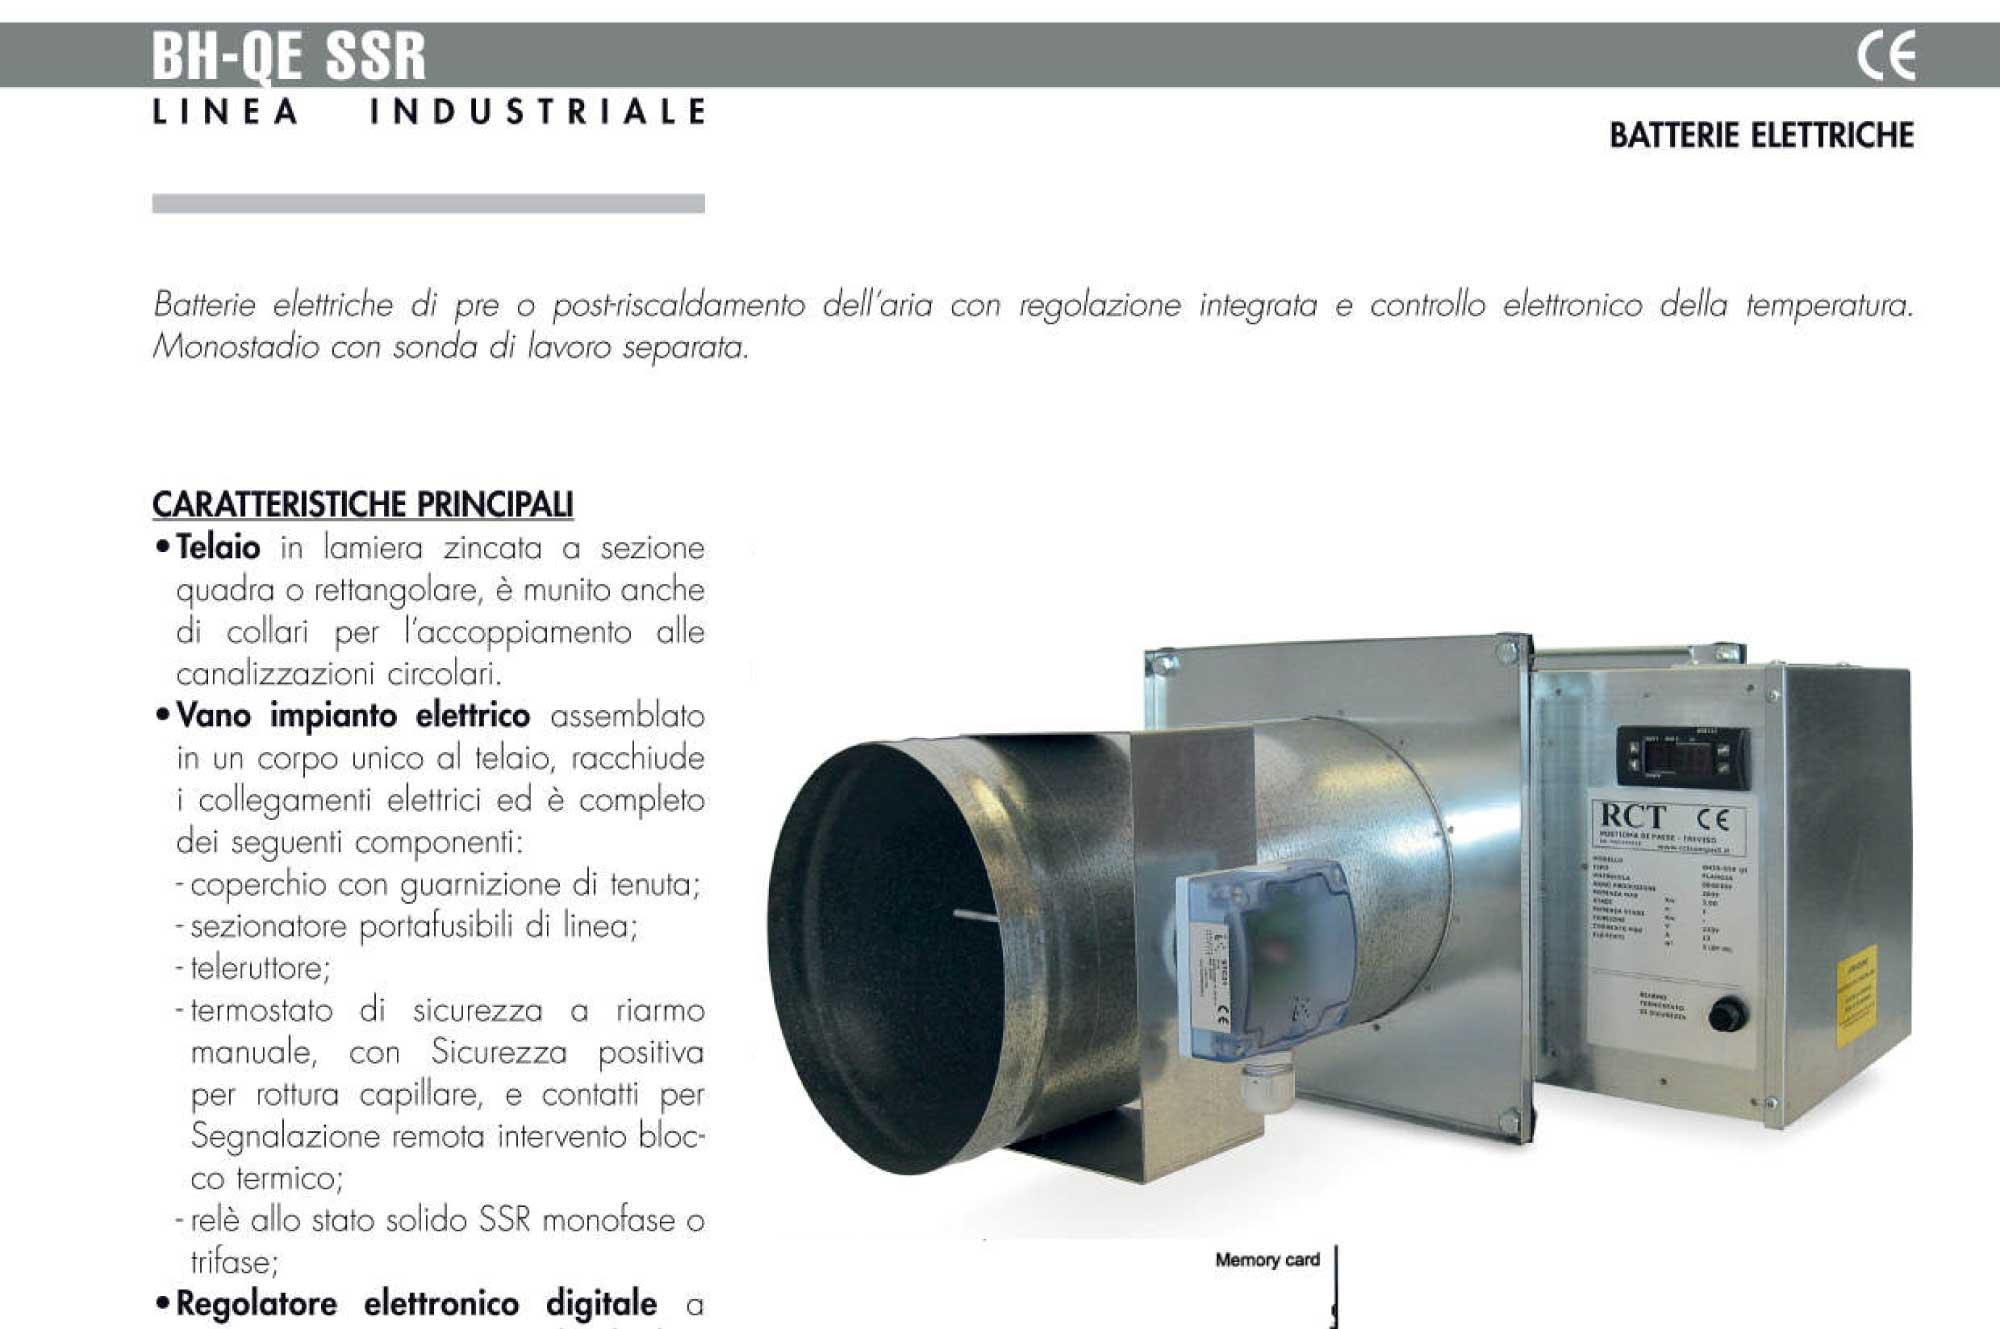 Riscaldamento Elettrico Ad Aria.Batterie Elettriche Per Riscaldamento Rct Compact